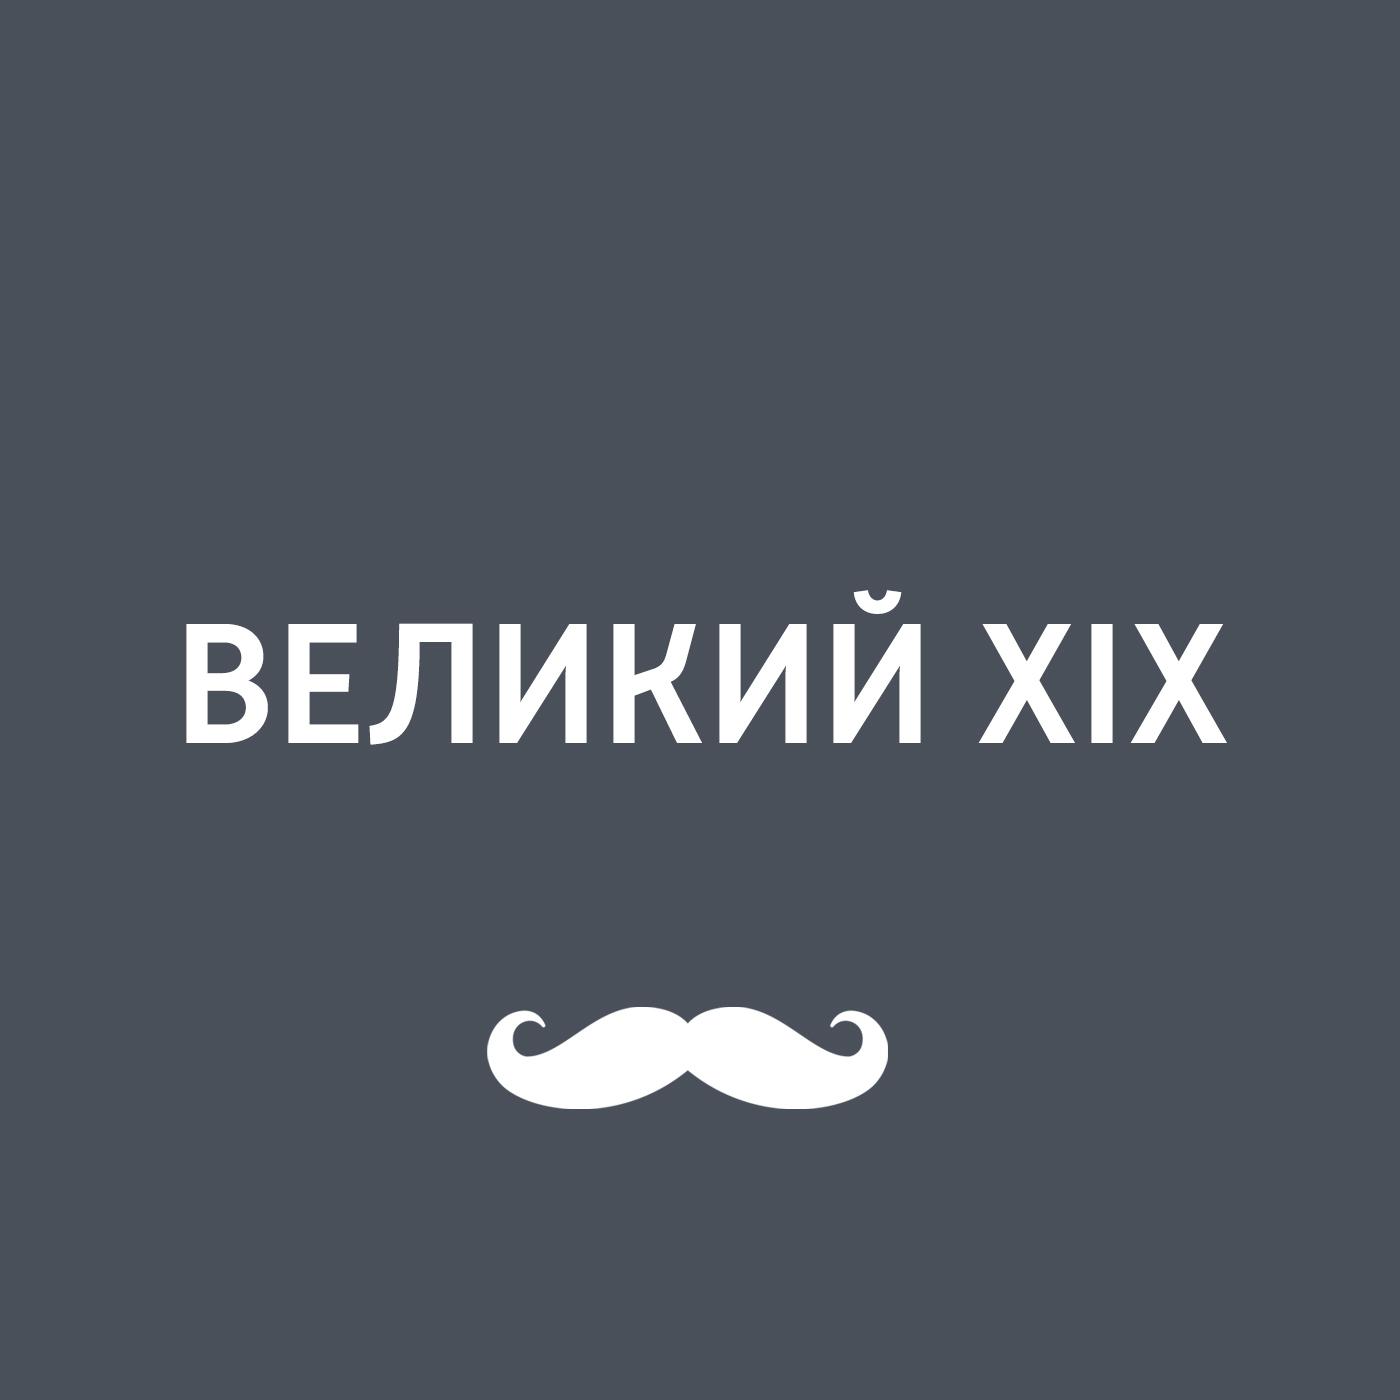 Игорь Ружейников Русский язык в XIX веке игорь ружейников медицина в xix веке